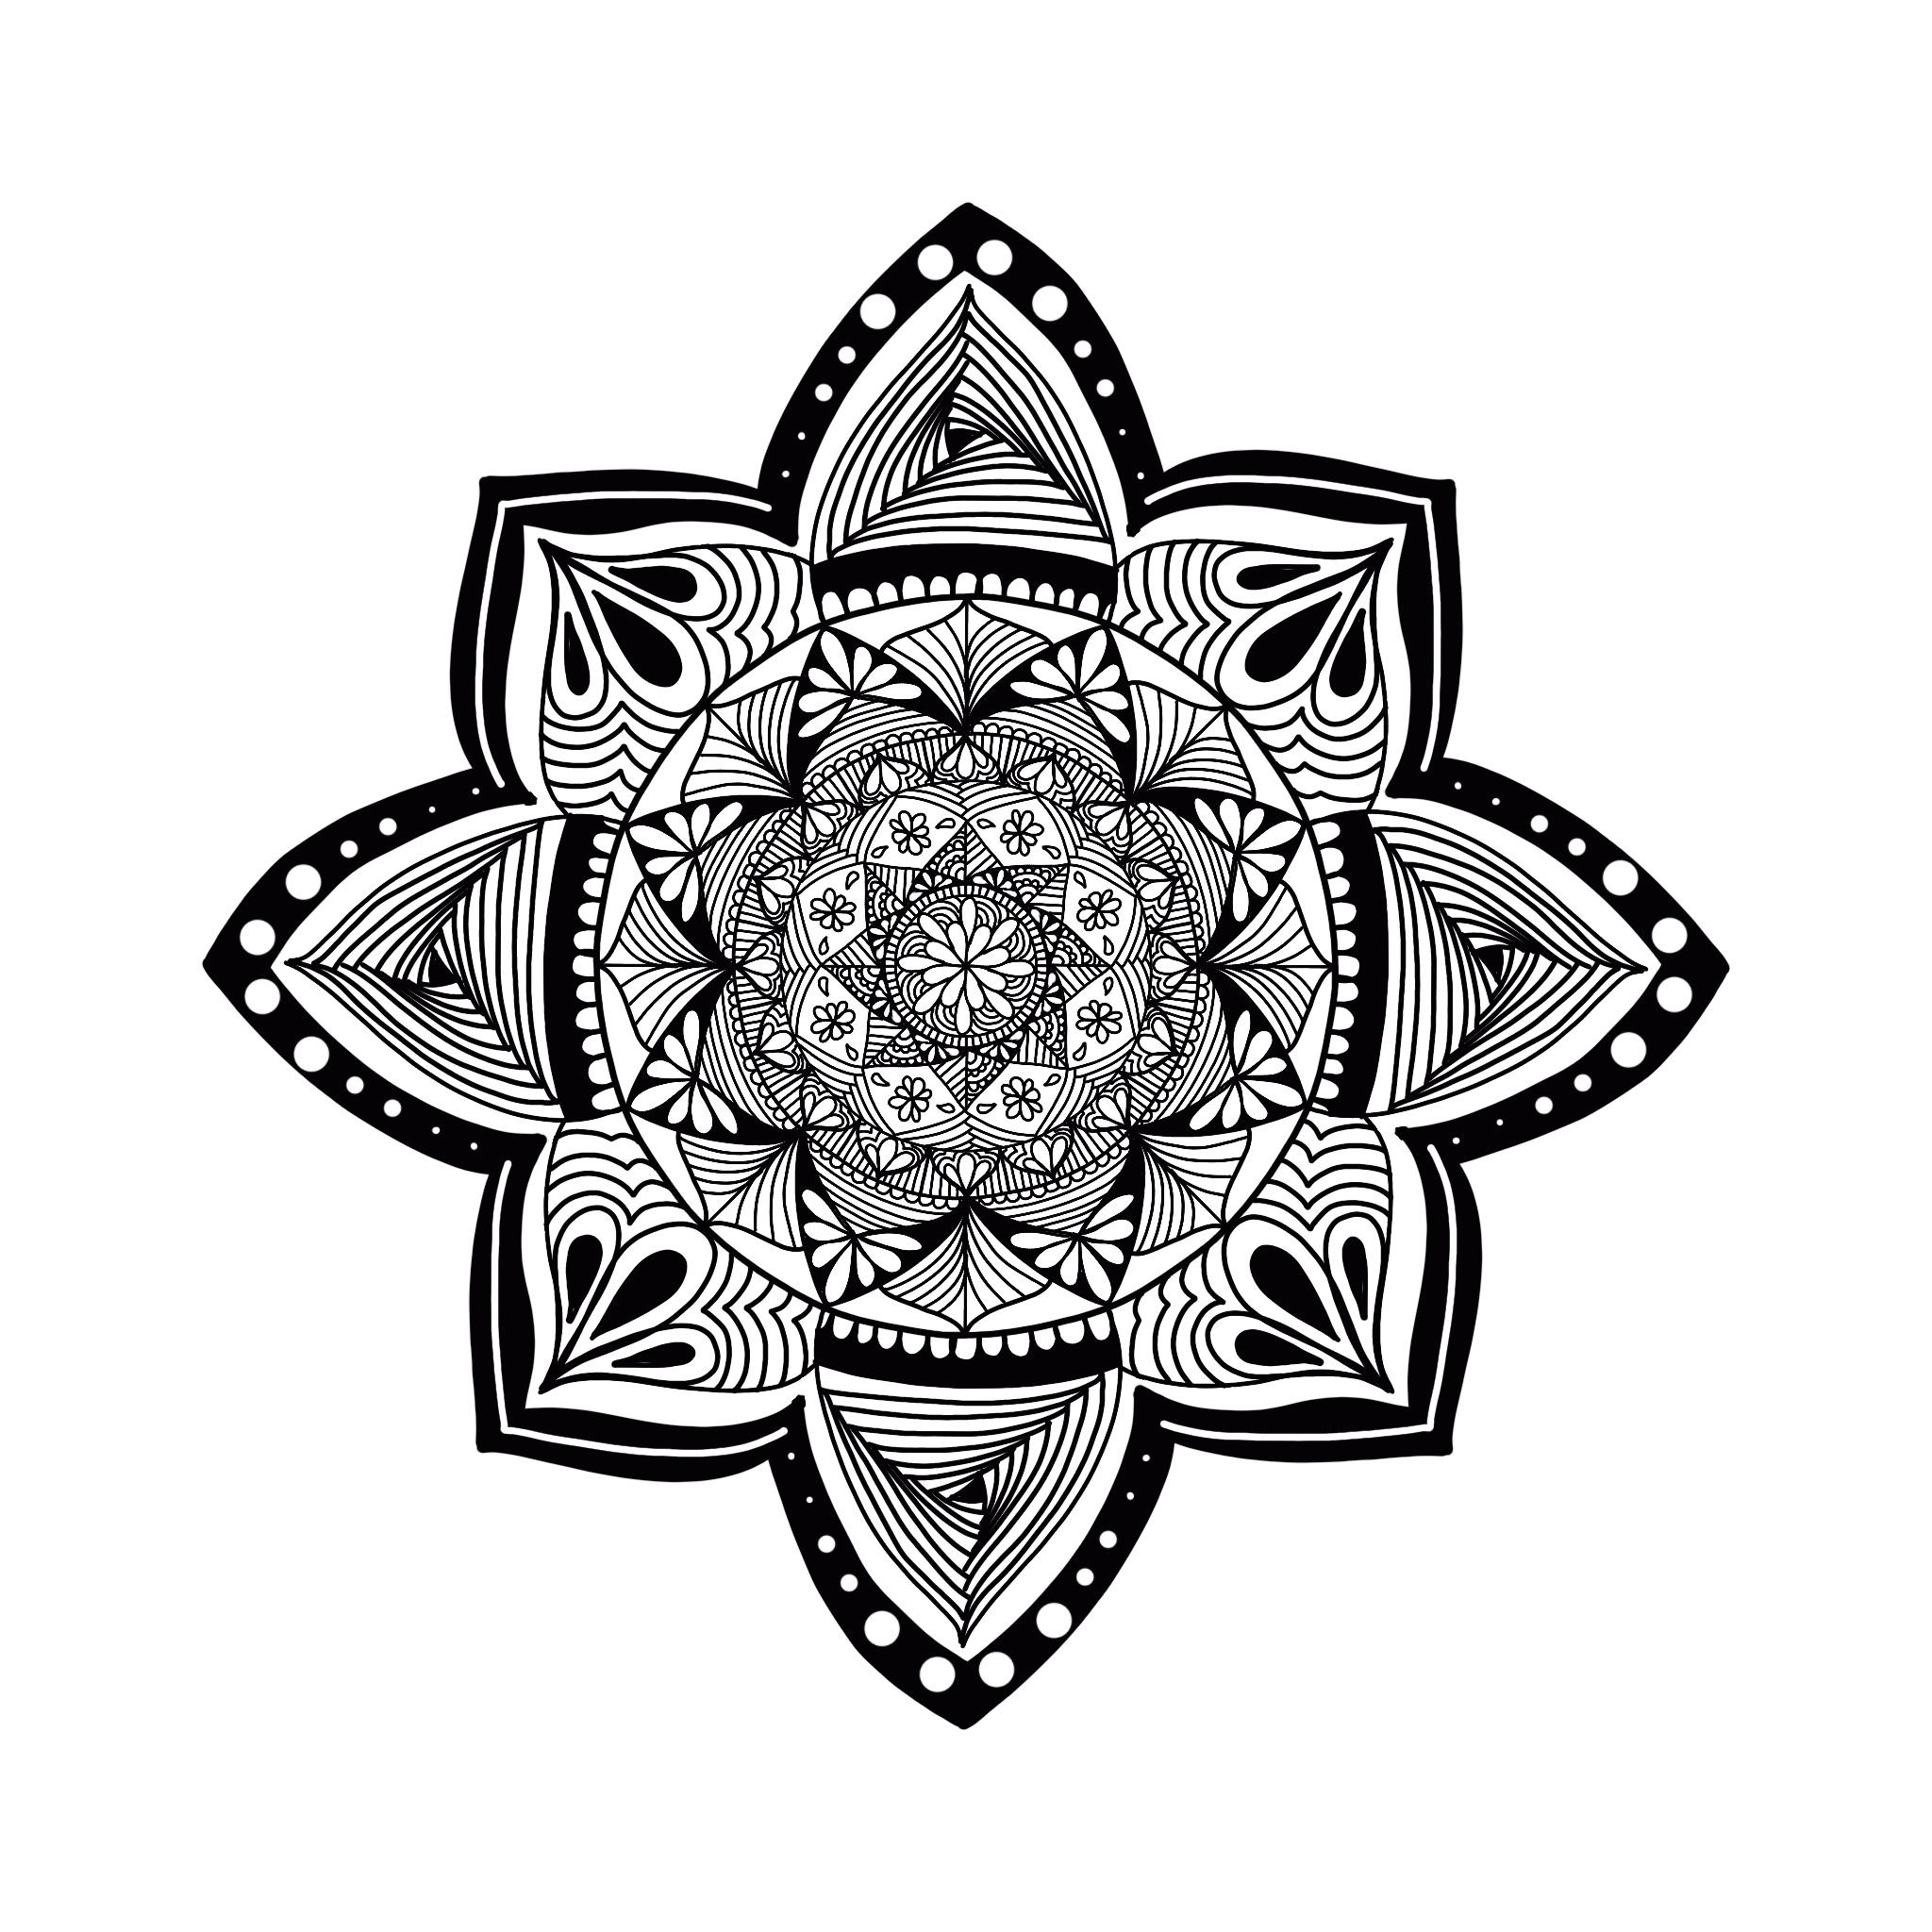 Mandala_51